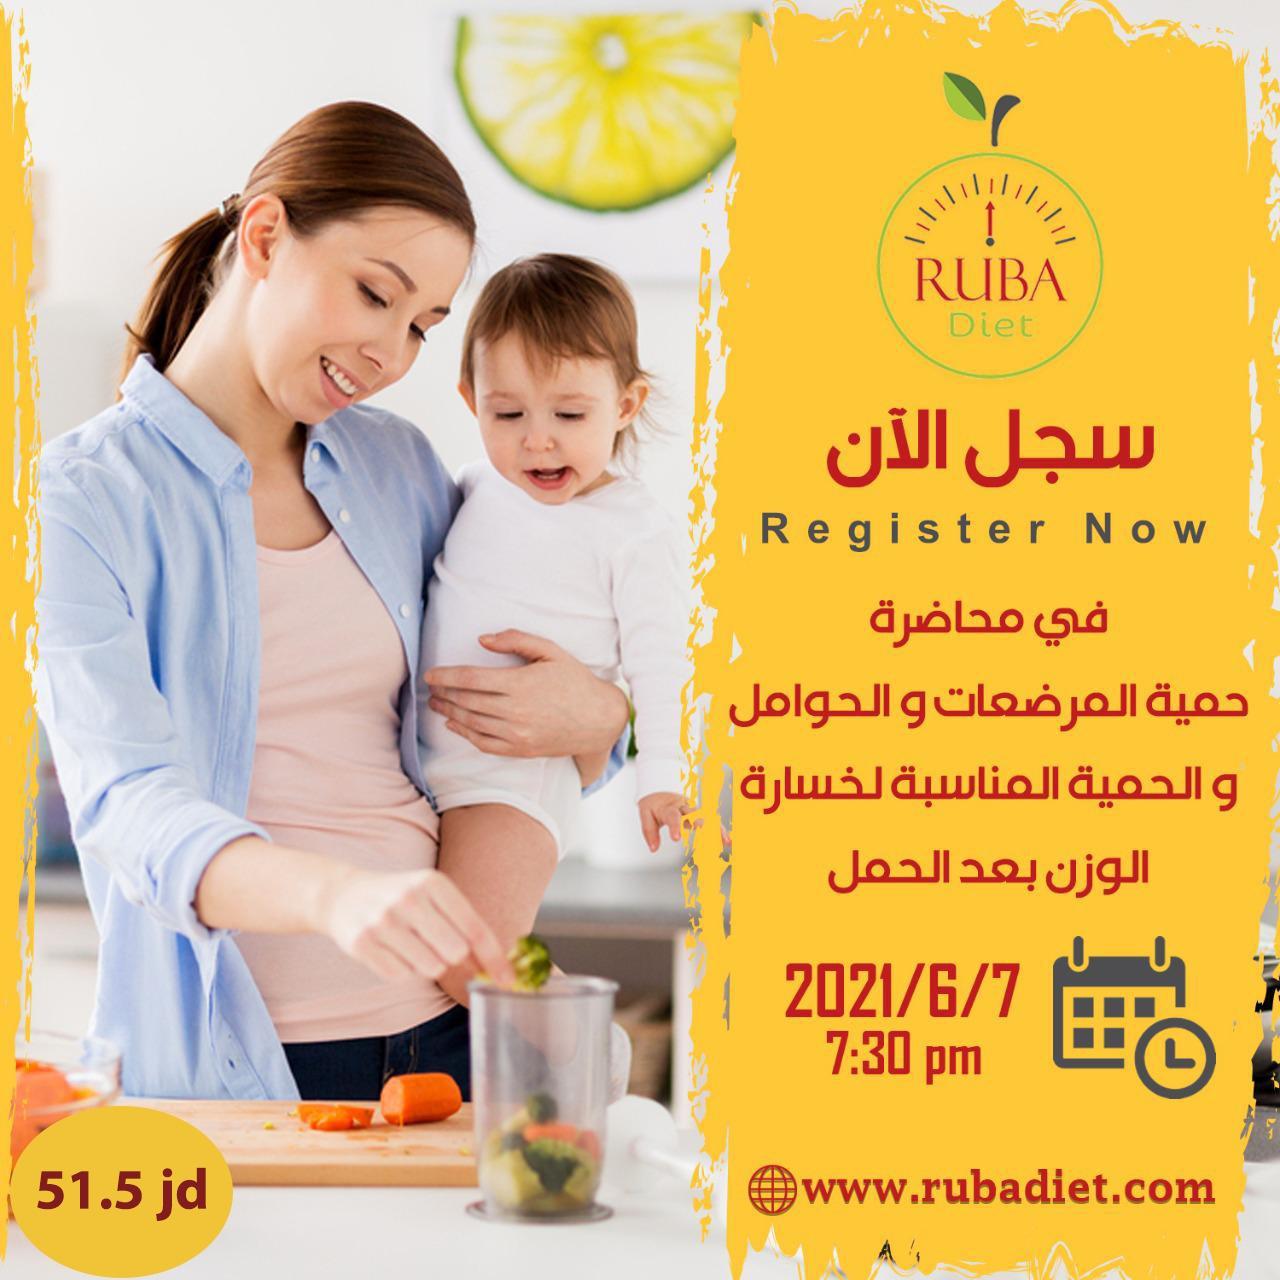 حمية المرضعات و الحوامل و الحمية المناسبة لخسارة الوزن بعد الحمل